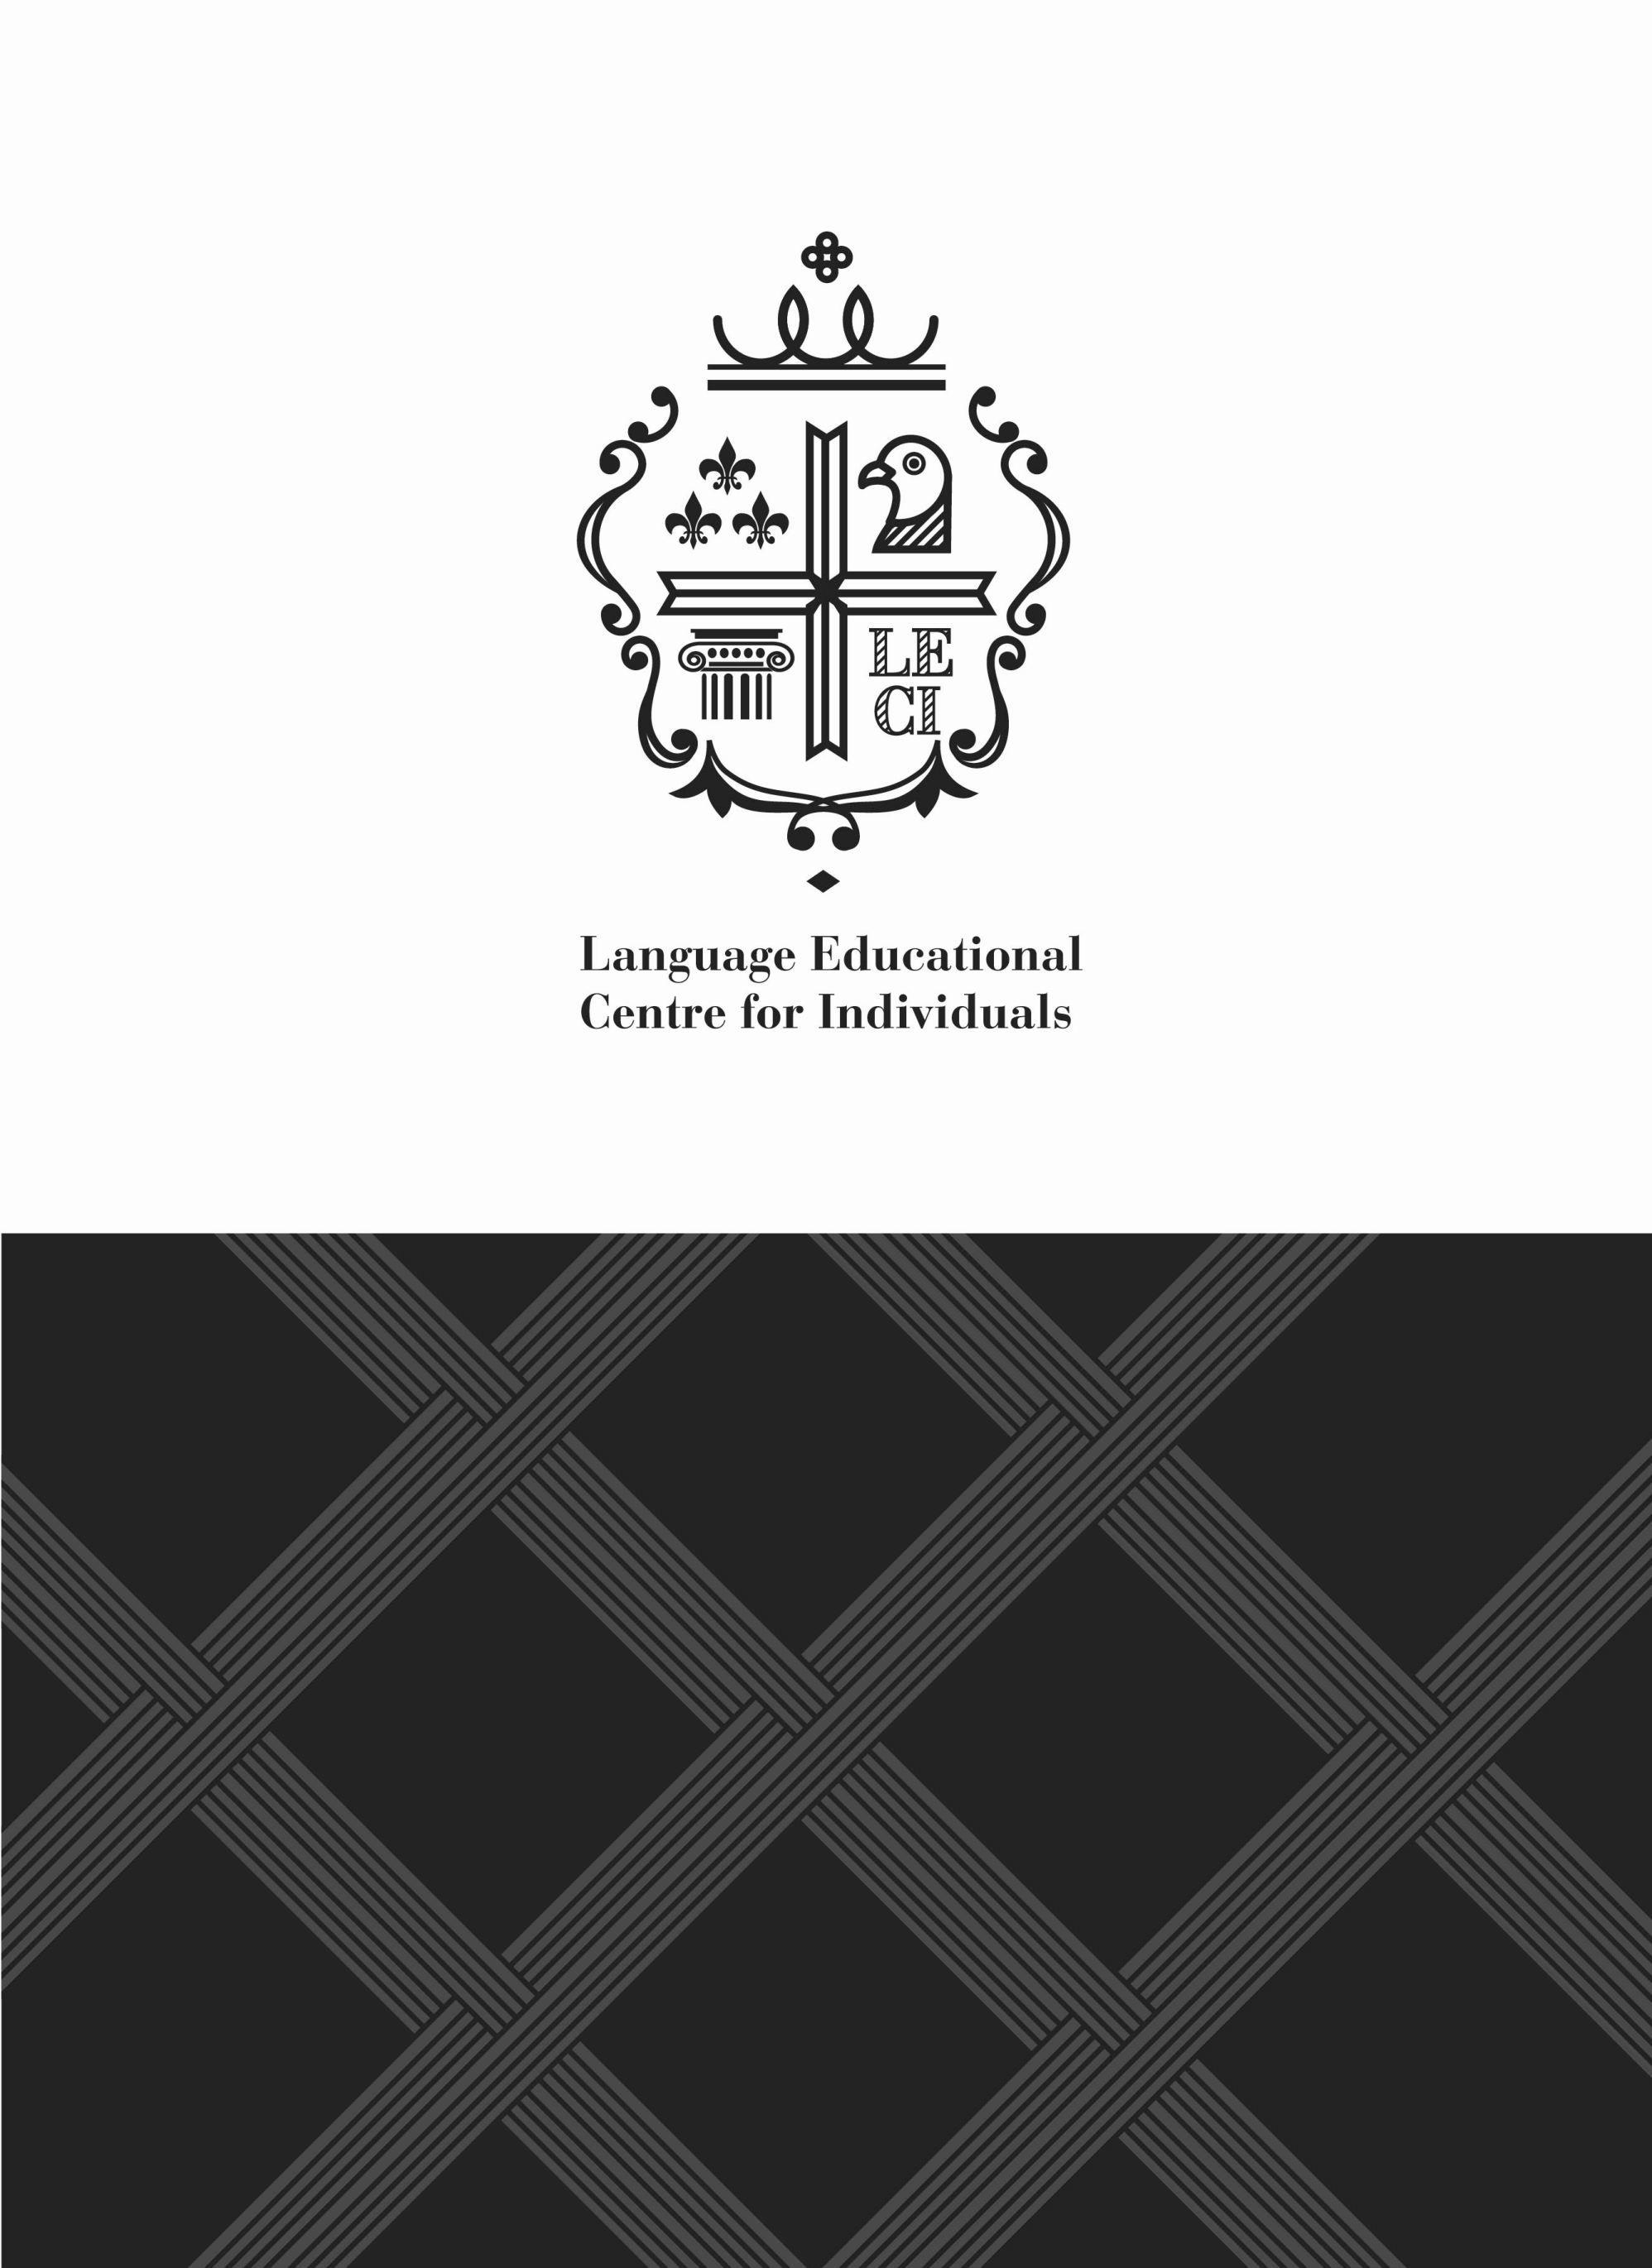 Лого для образовательного учреждения LECI  - дизайнер Fokla